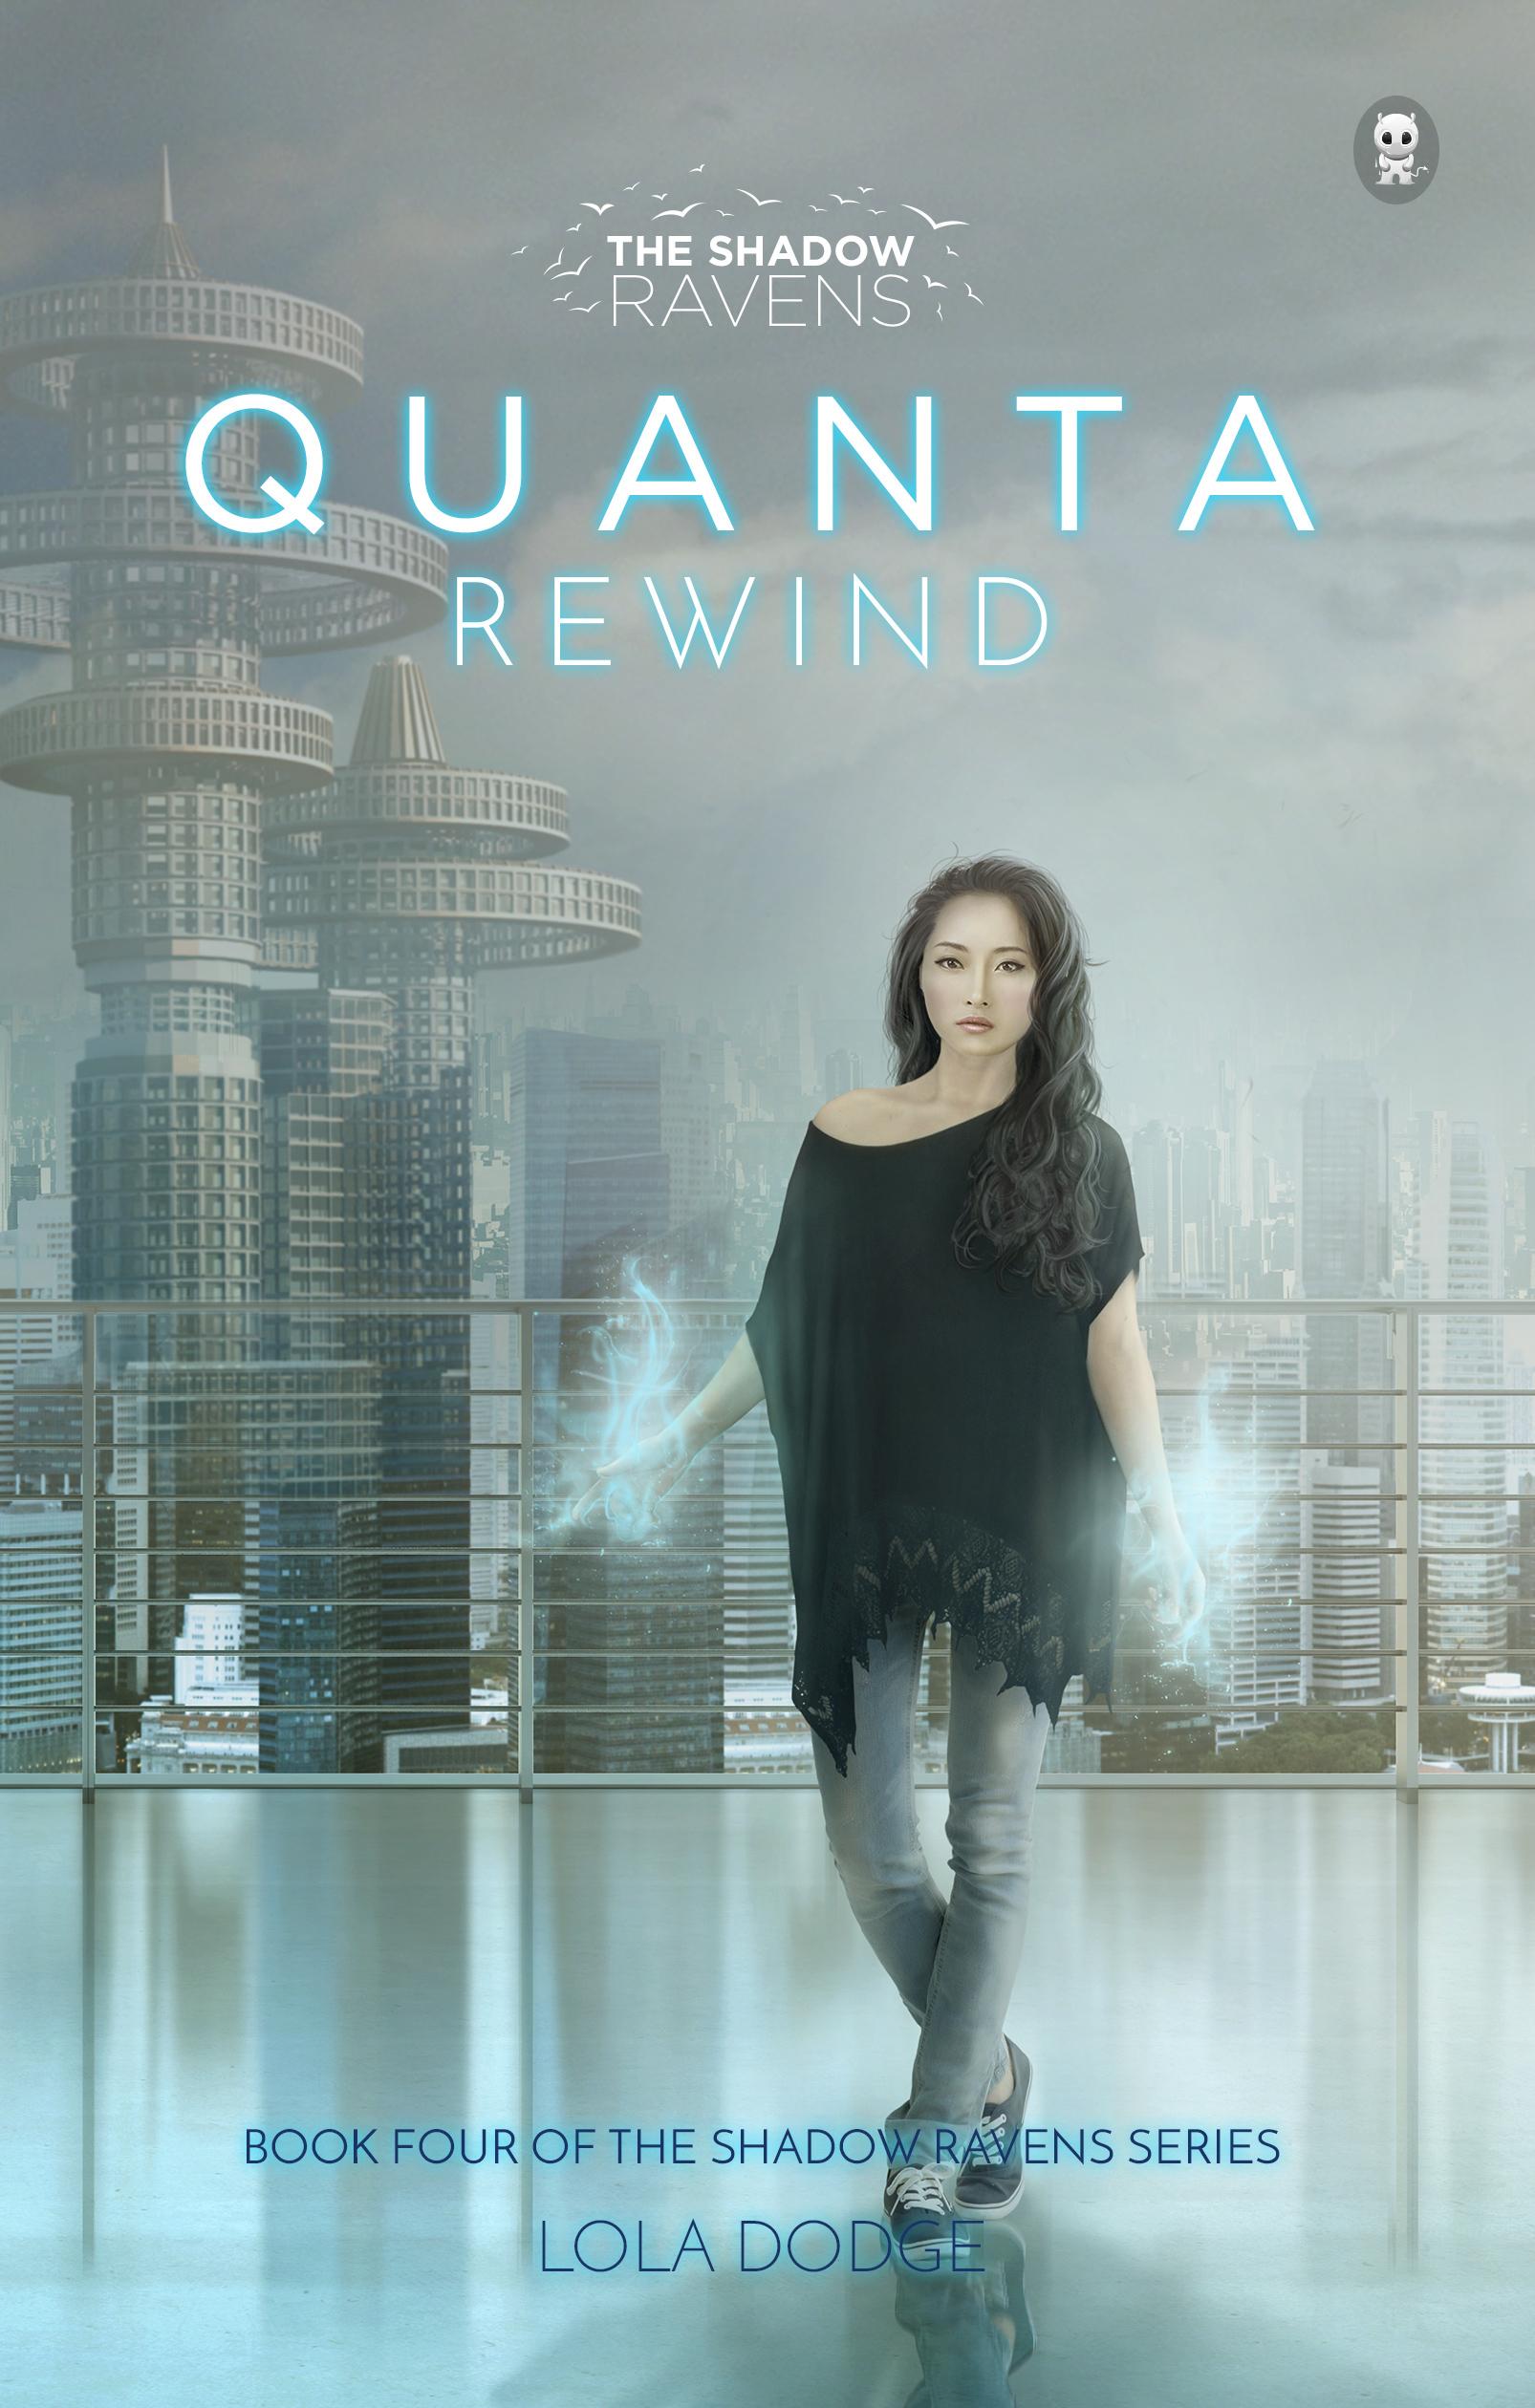 Cover Image of Quanta Rewind